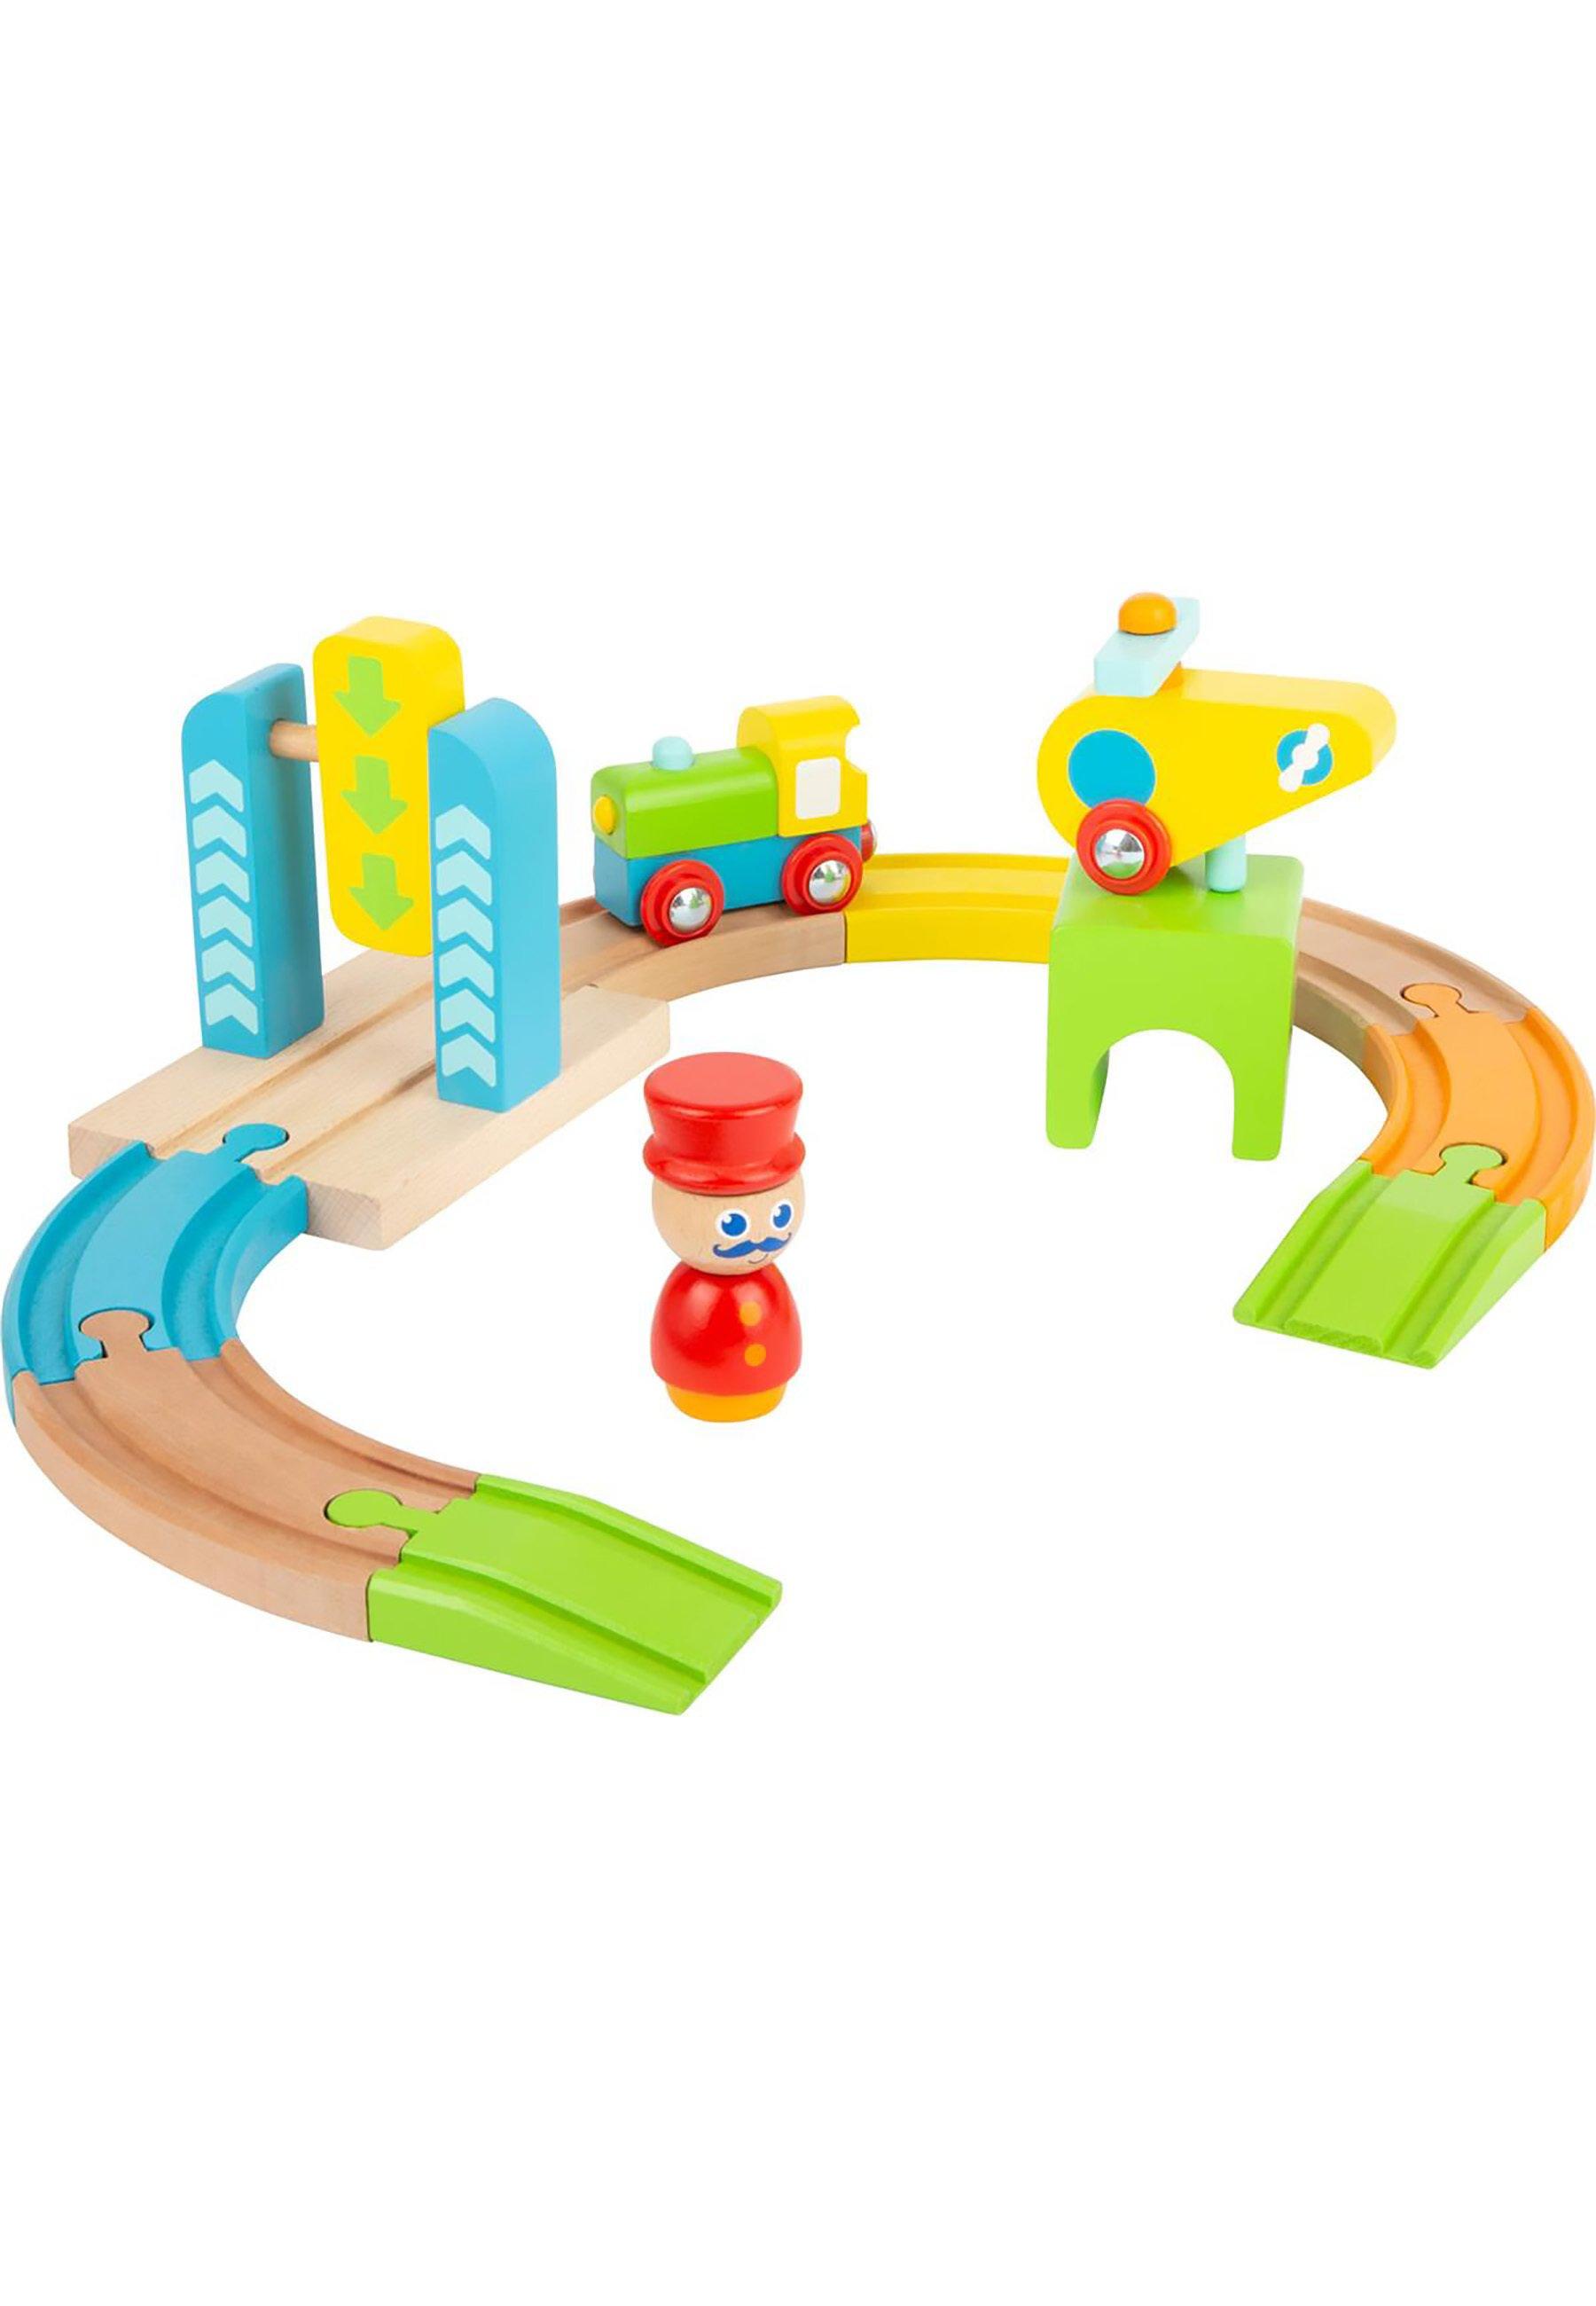 Kinder Spielzeugset Züge